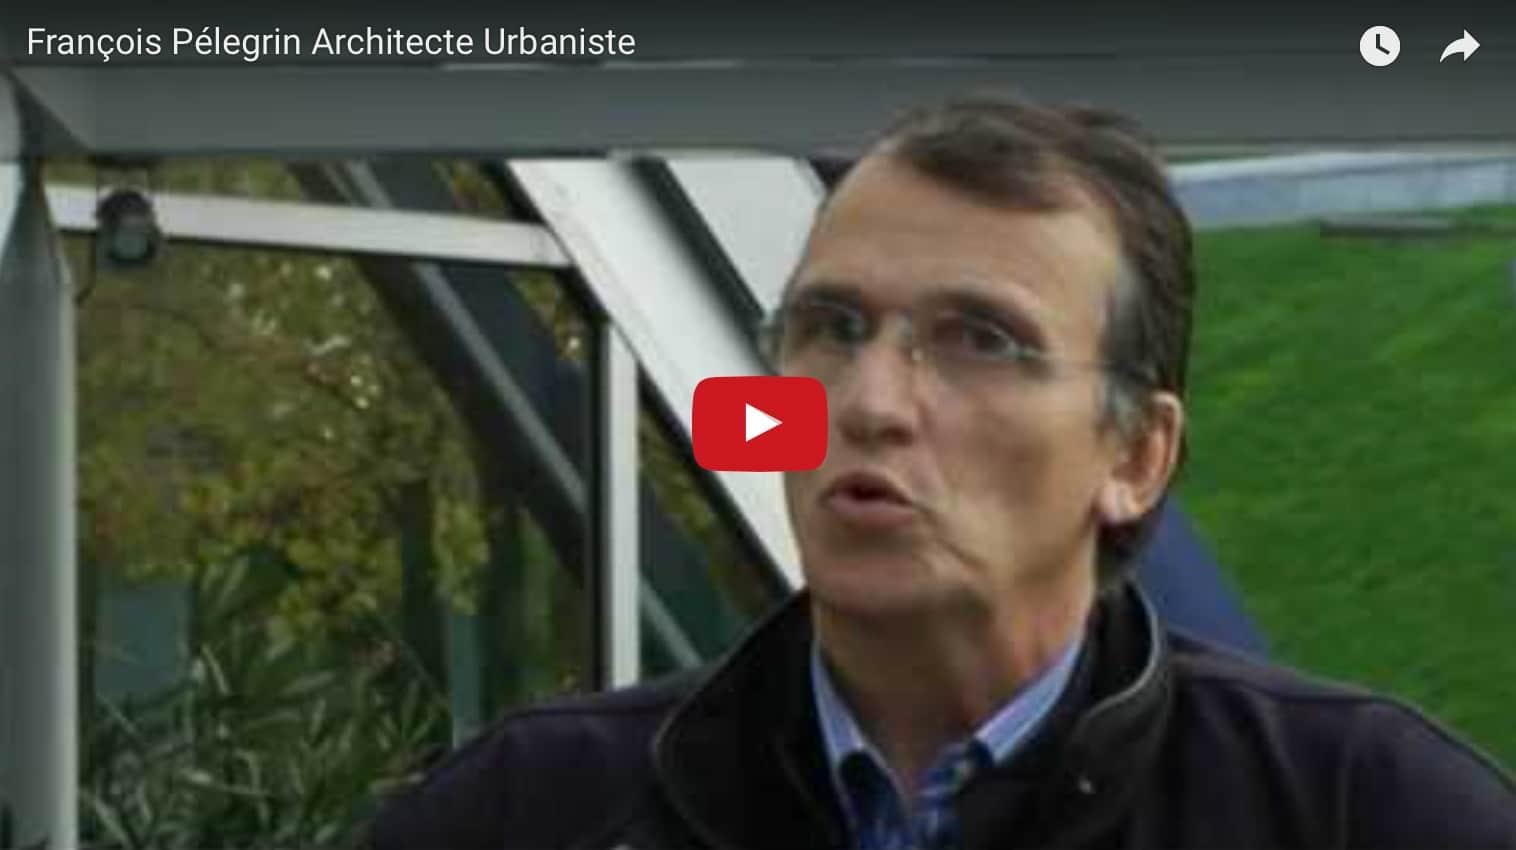 Fran ois p legrin architecte urbaniste architecture p legrin - Francois brugel architecte ...